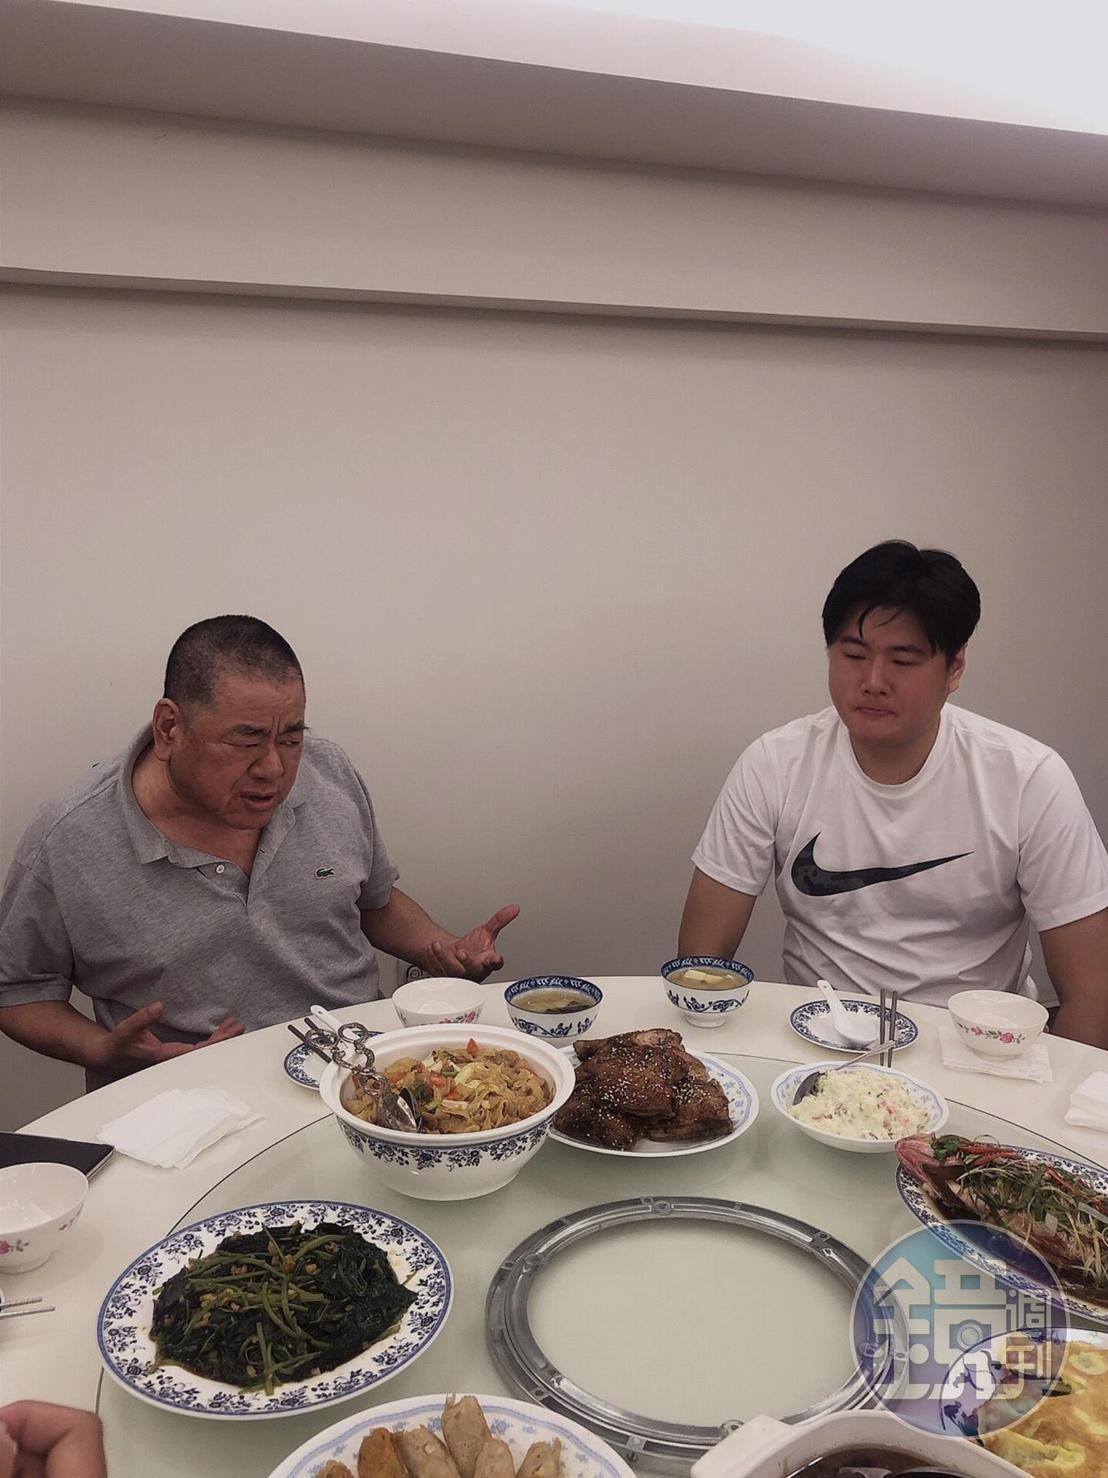 吳敦和兒子吳庭言共吃和解飯,席間吳庭言還幫吳敦夾菜,無時無刻關心老爸狀態。